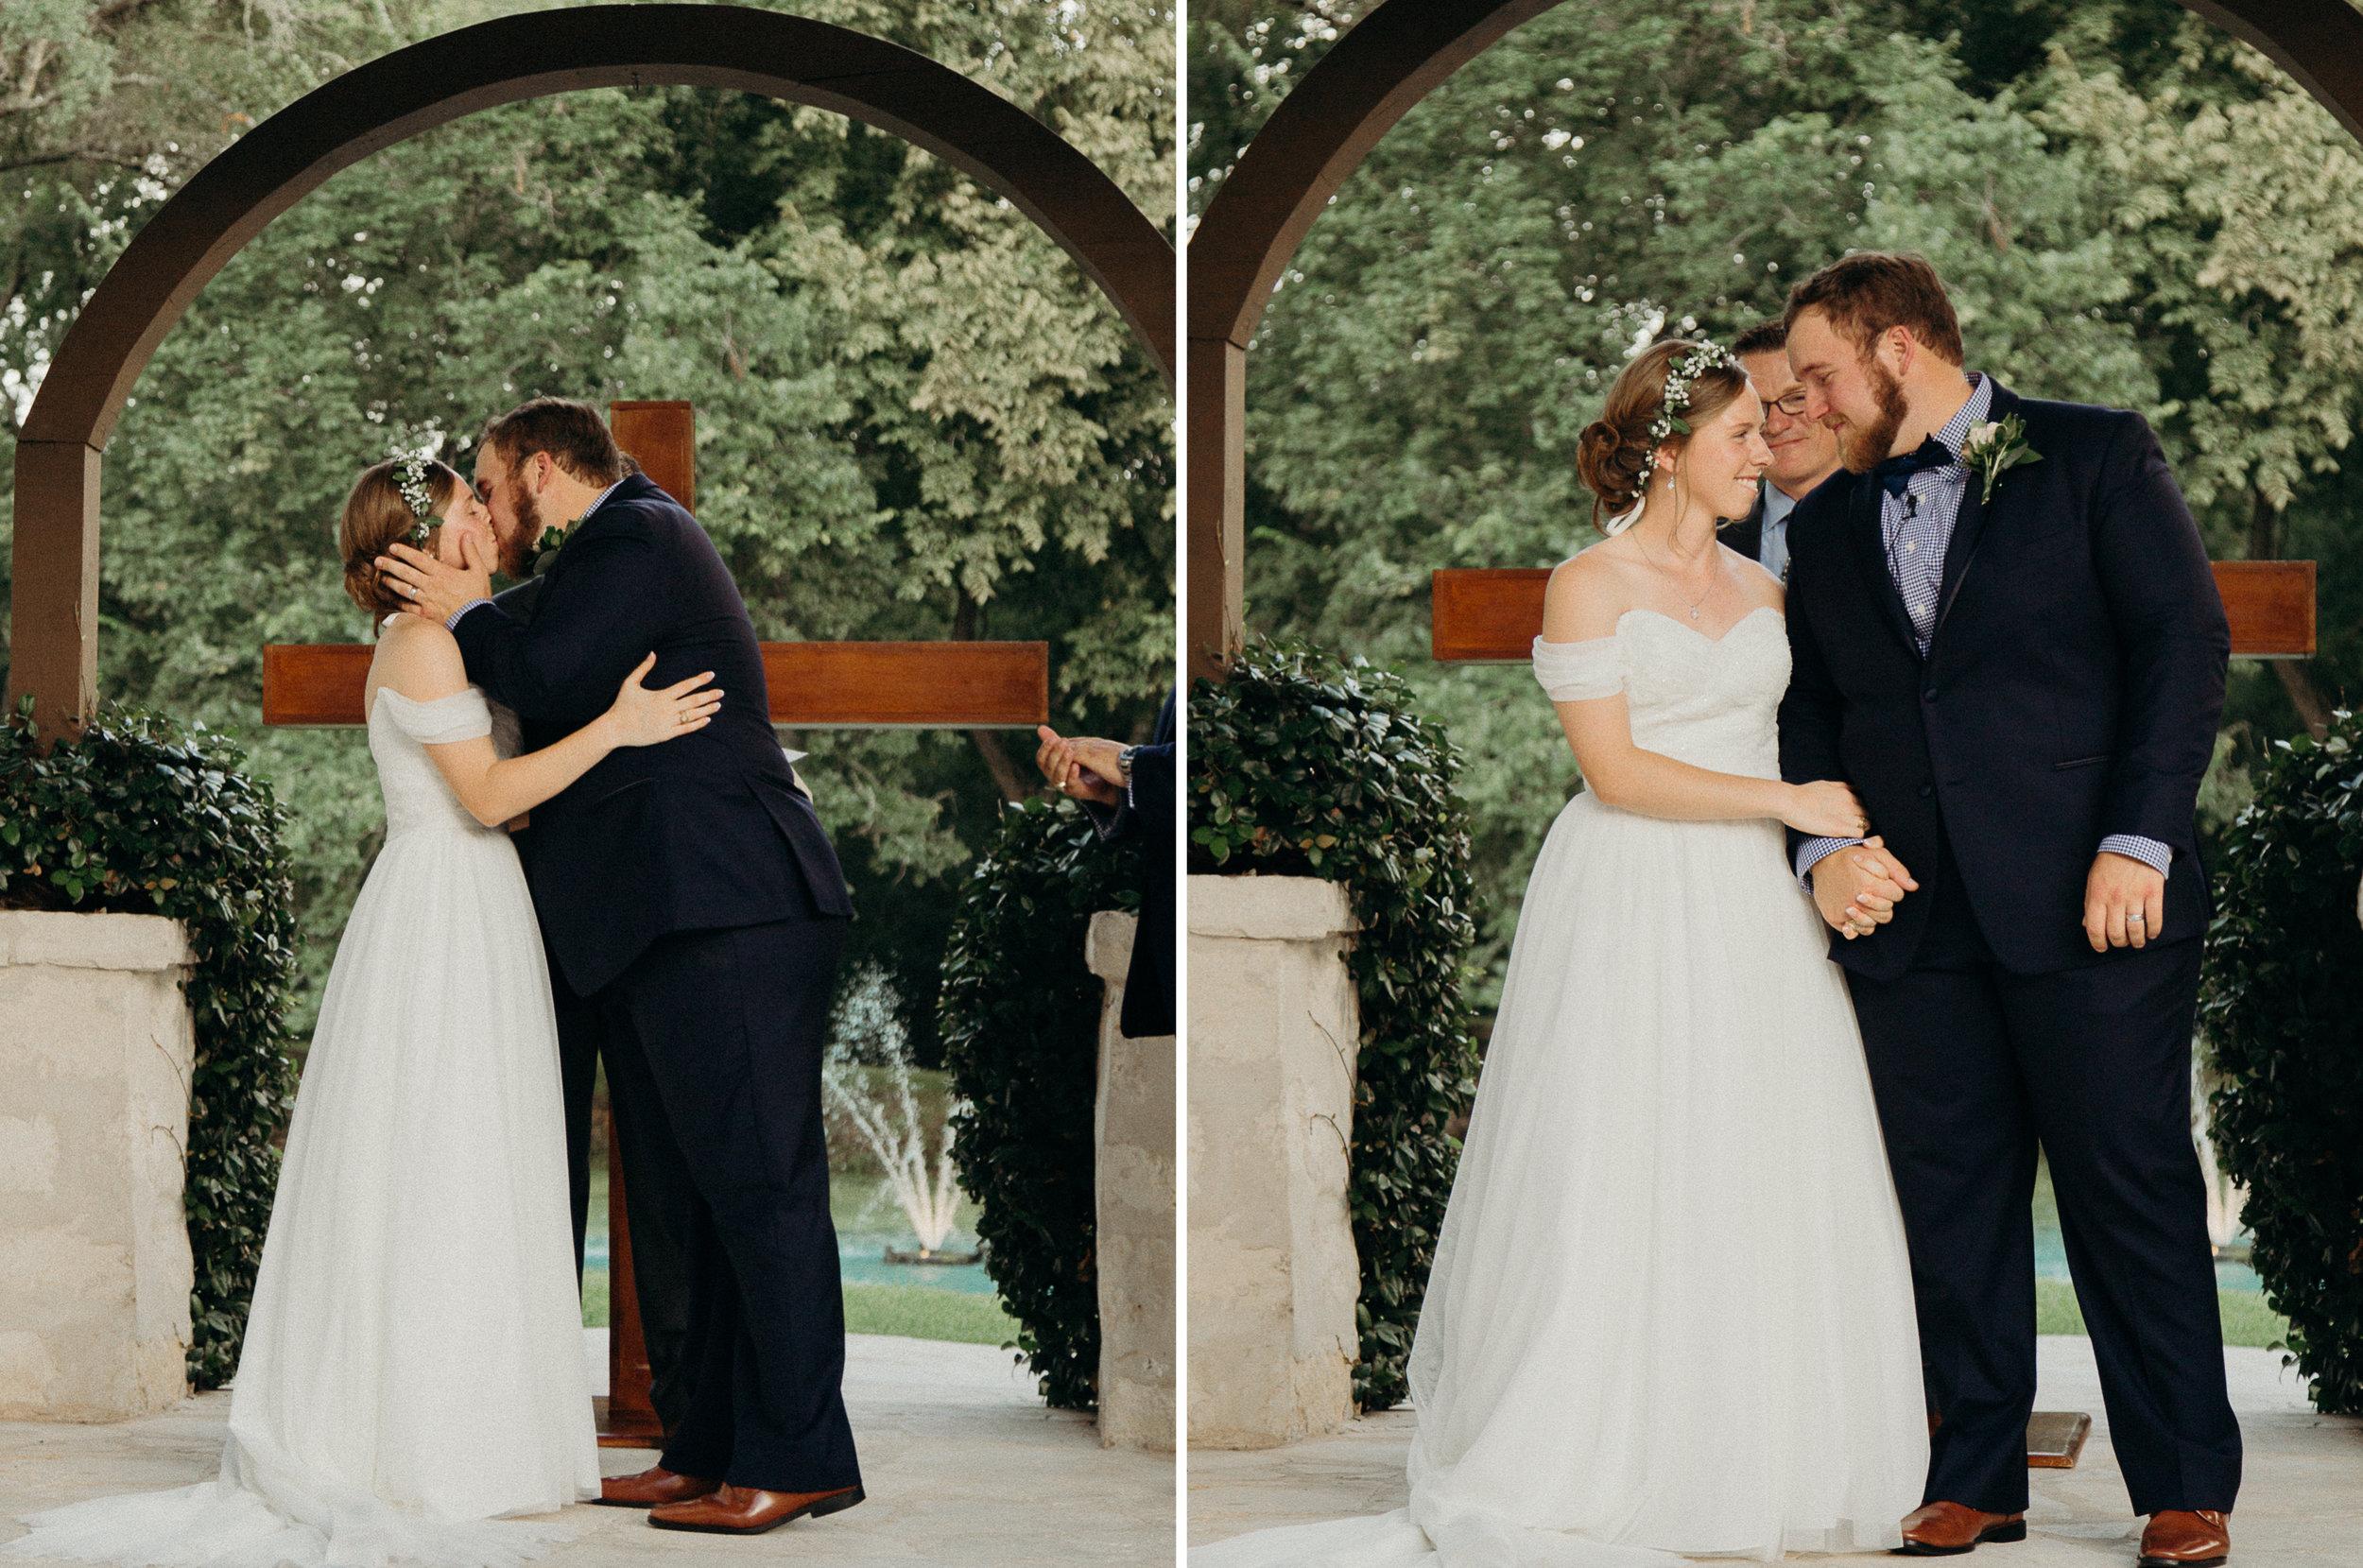 miller wedding kiss.jpg